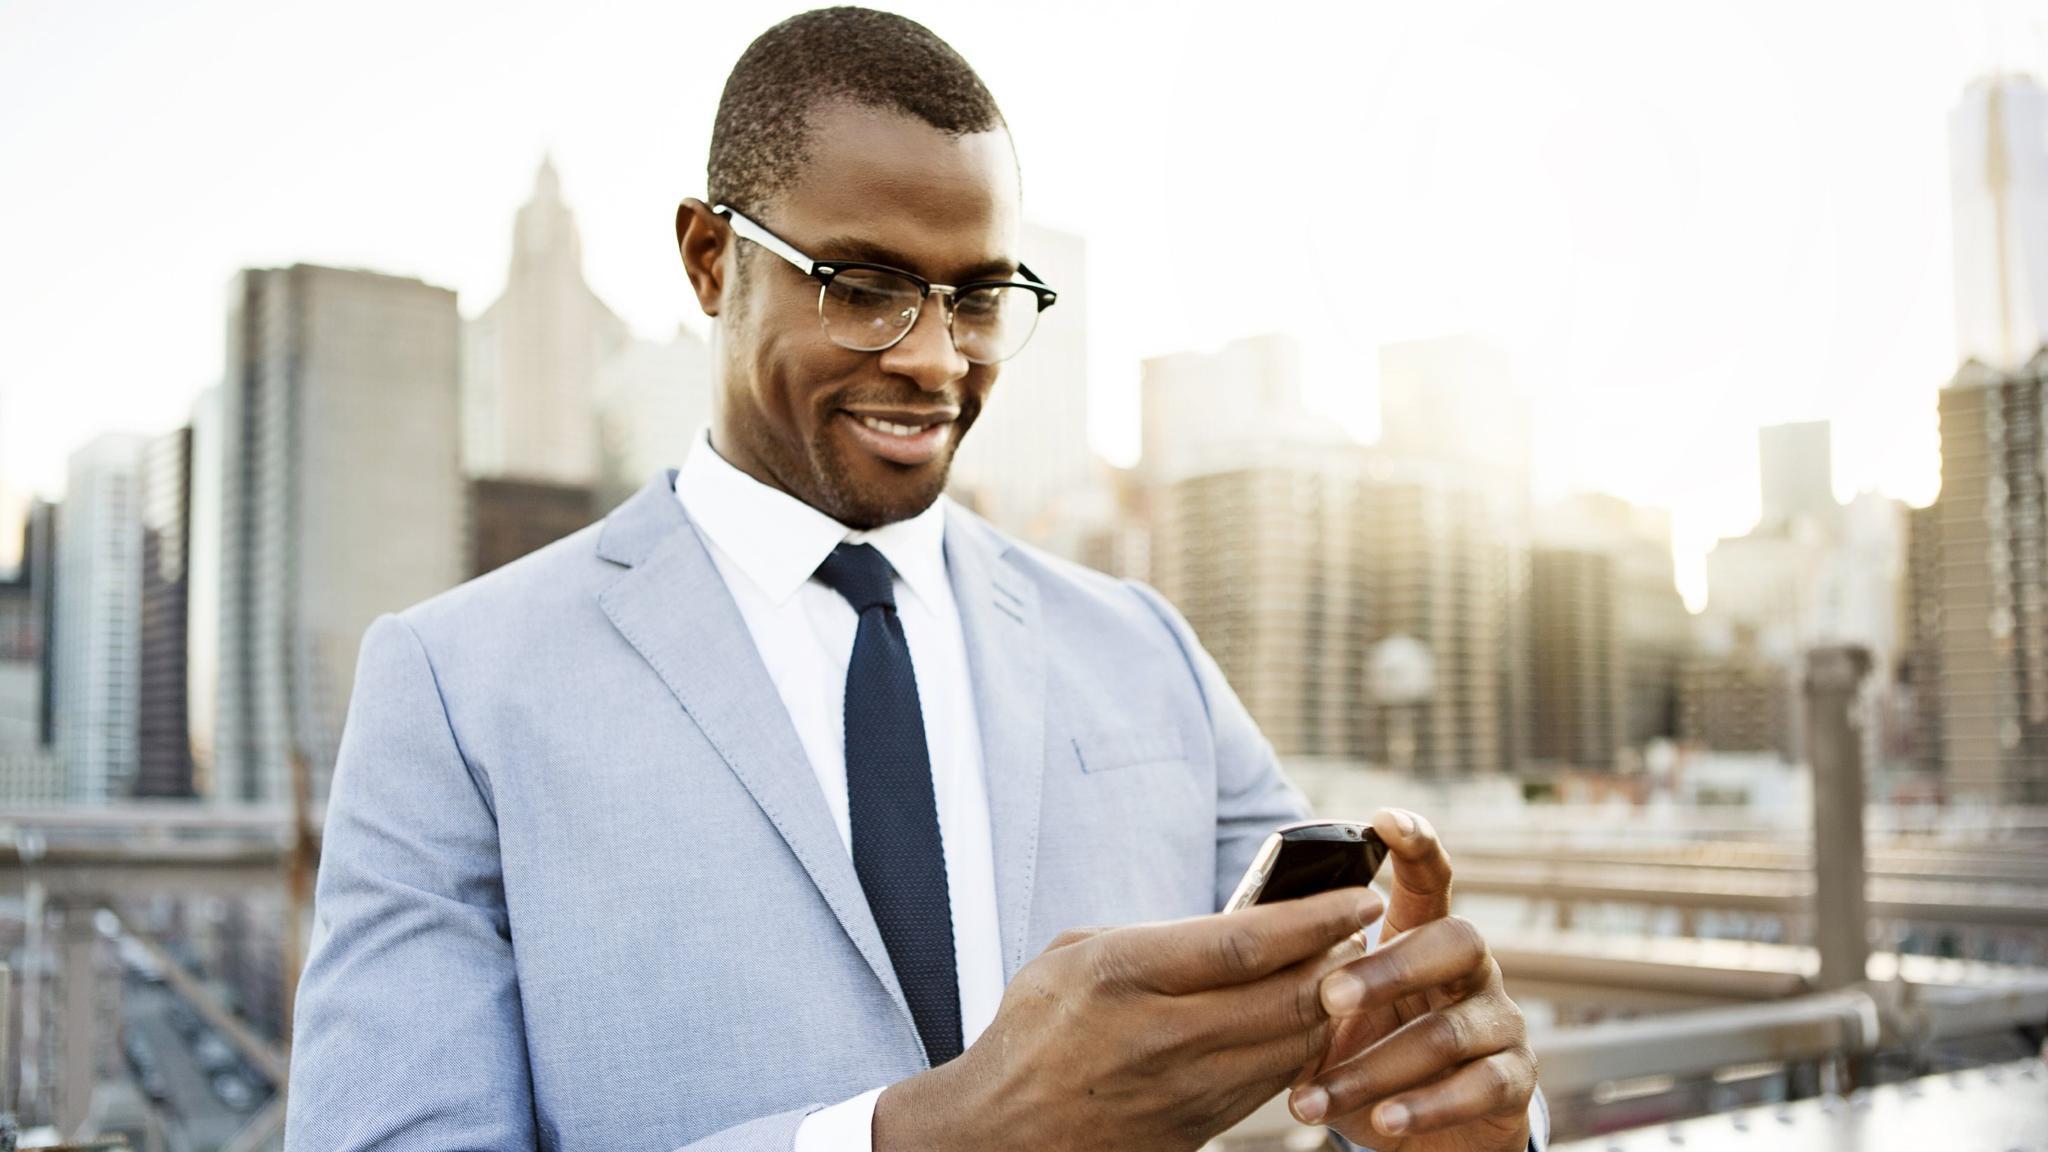 Virtual concierges join the conversation